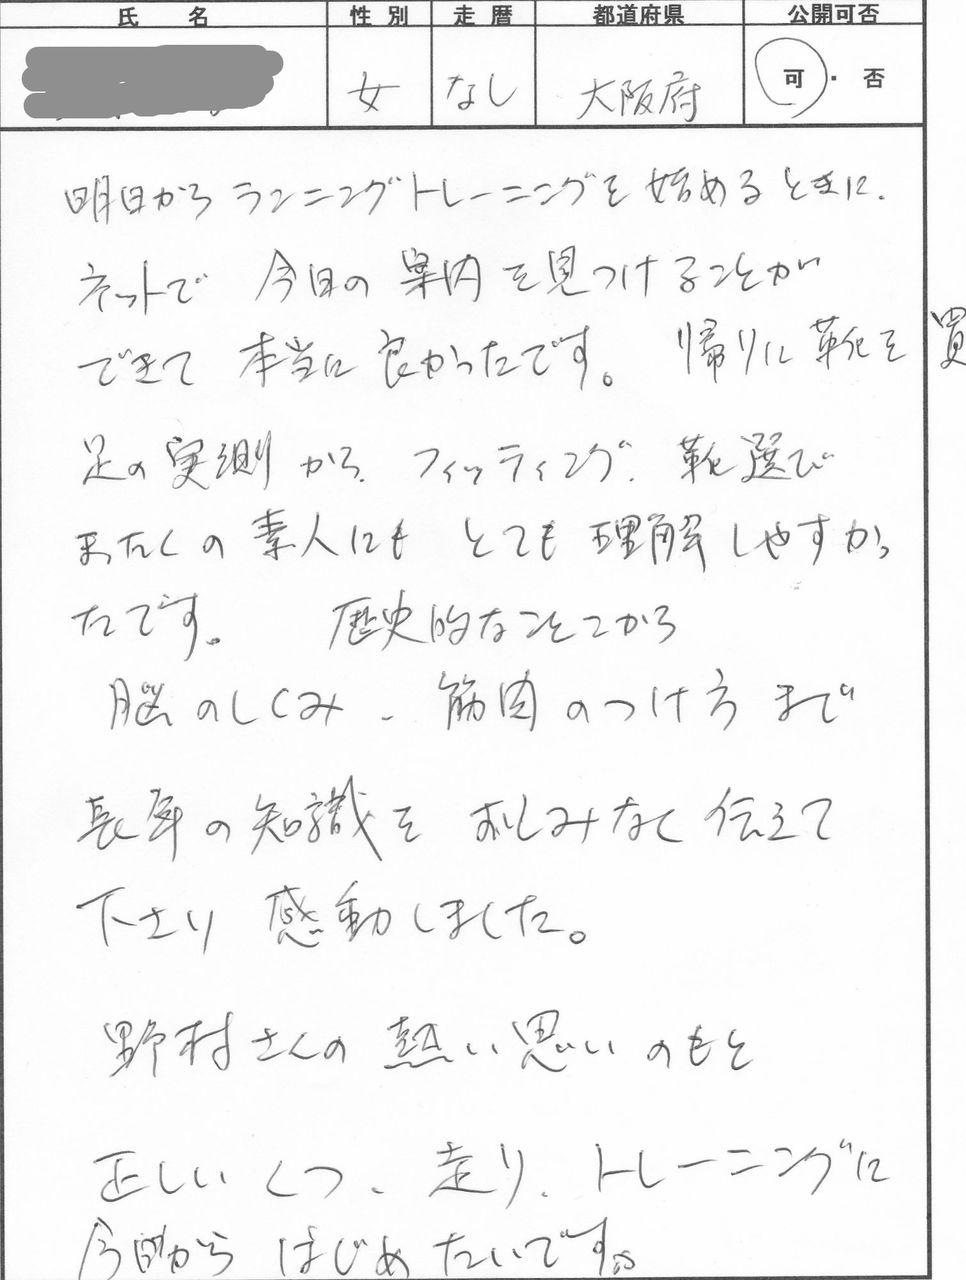 セミナー大阪・長野 感想_0001_copy